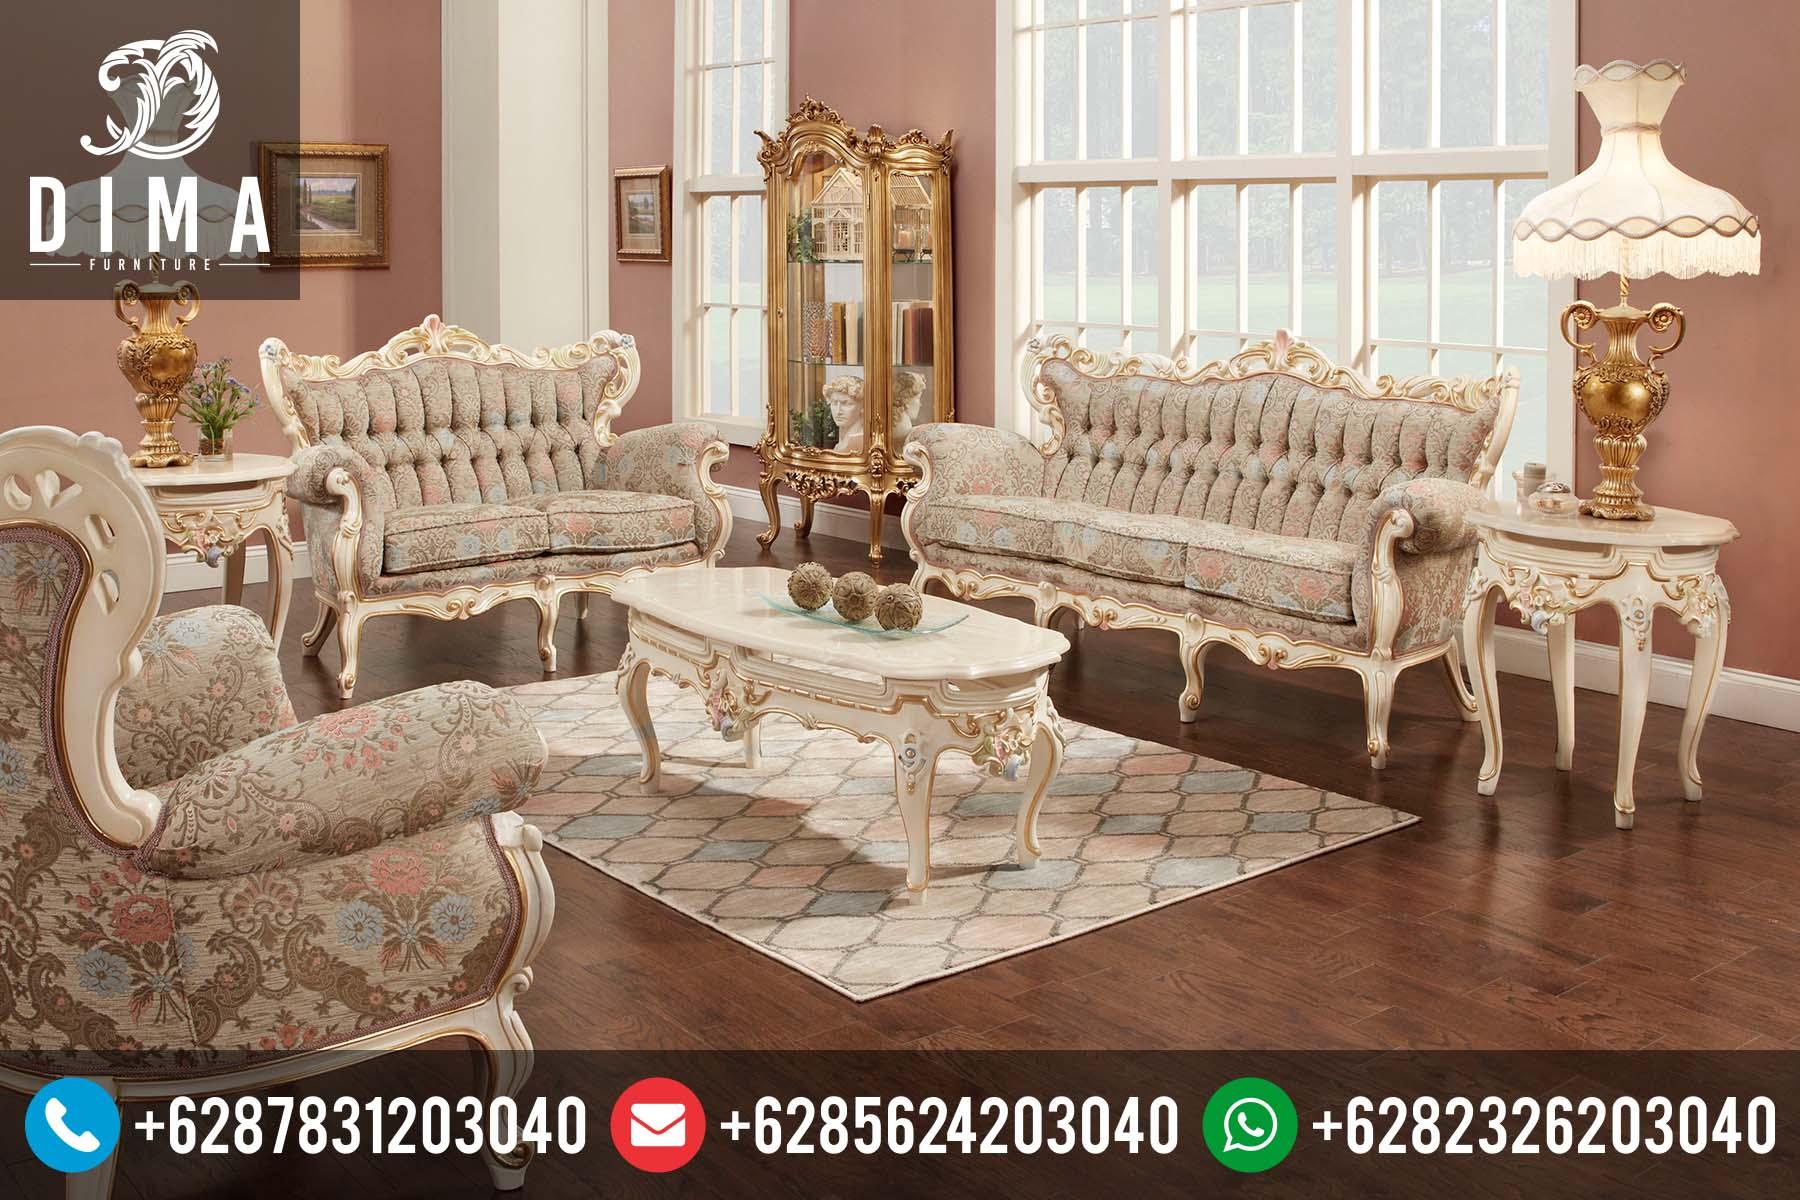 Sofa Ruang Tamu Mewah Murah Terbaru Ukiran Jepara ST-0100